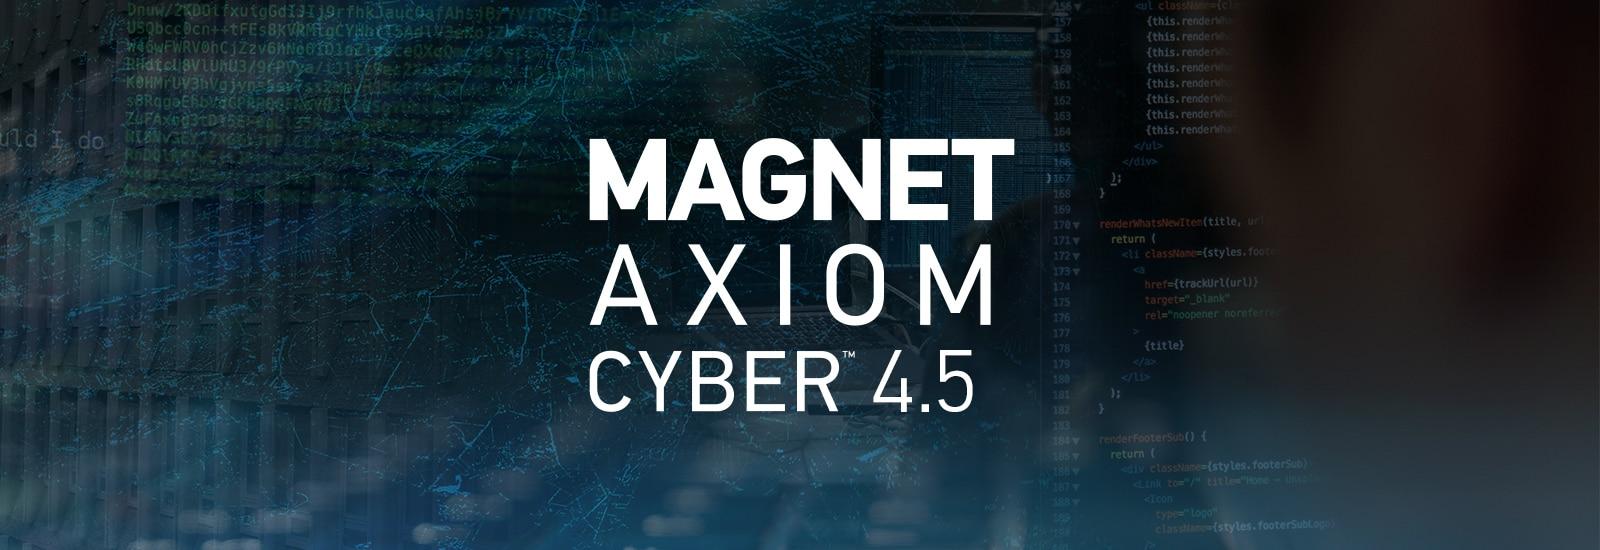 Magnet AXIOM Cyber 4.5